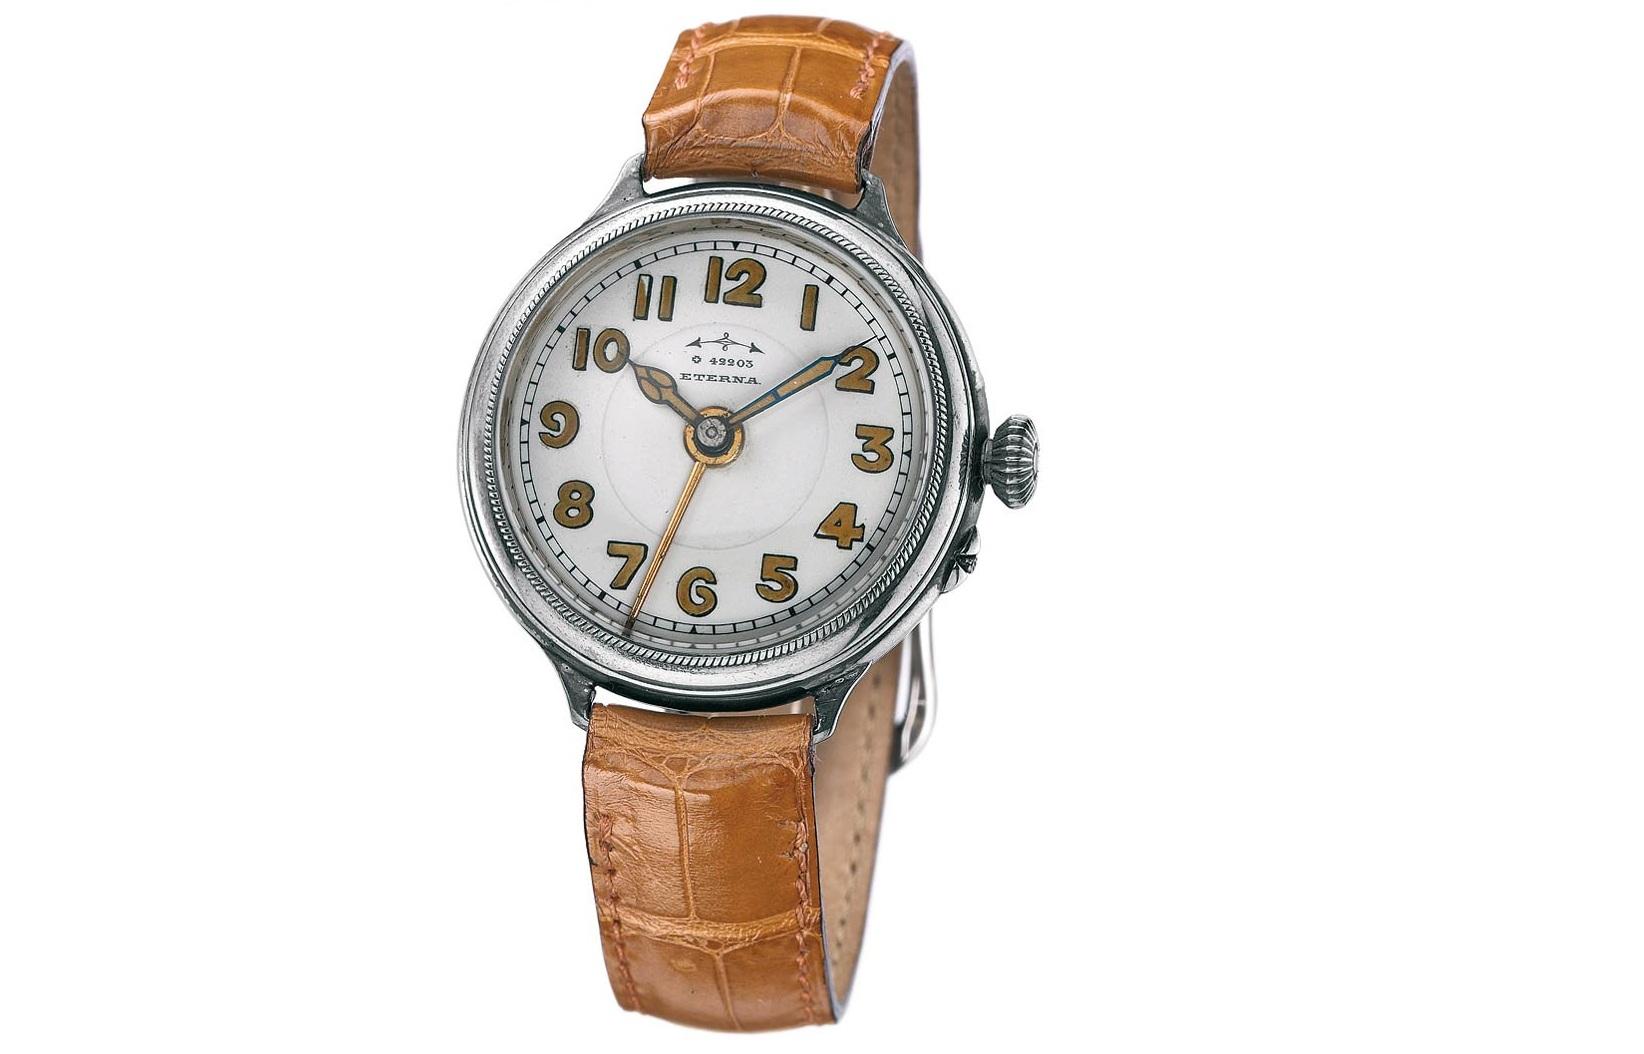 Eterna-alarm-wristwatch-1914